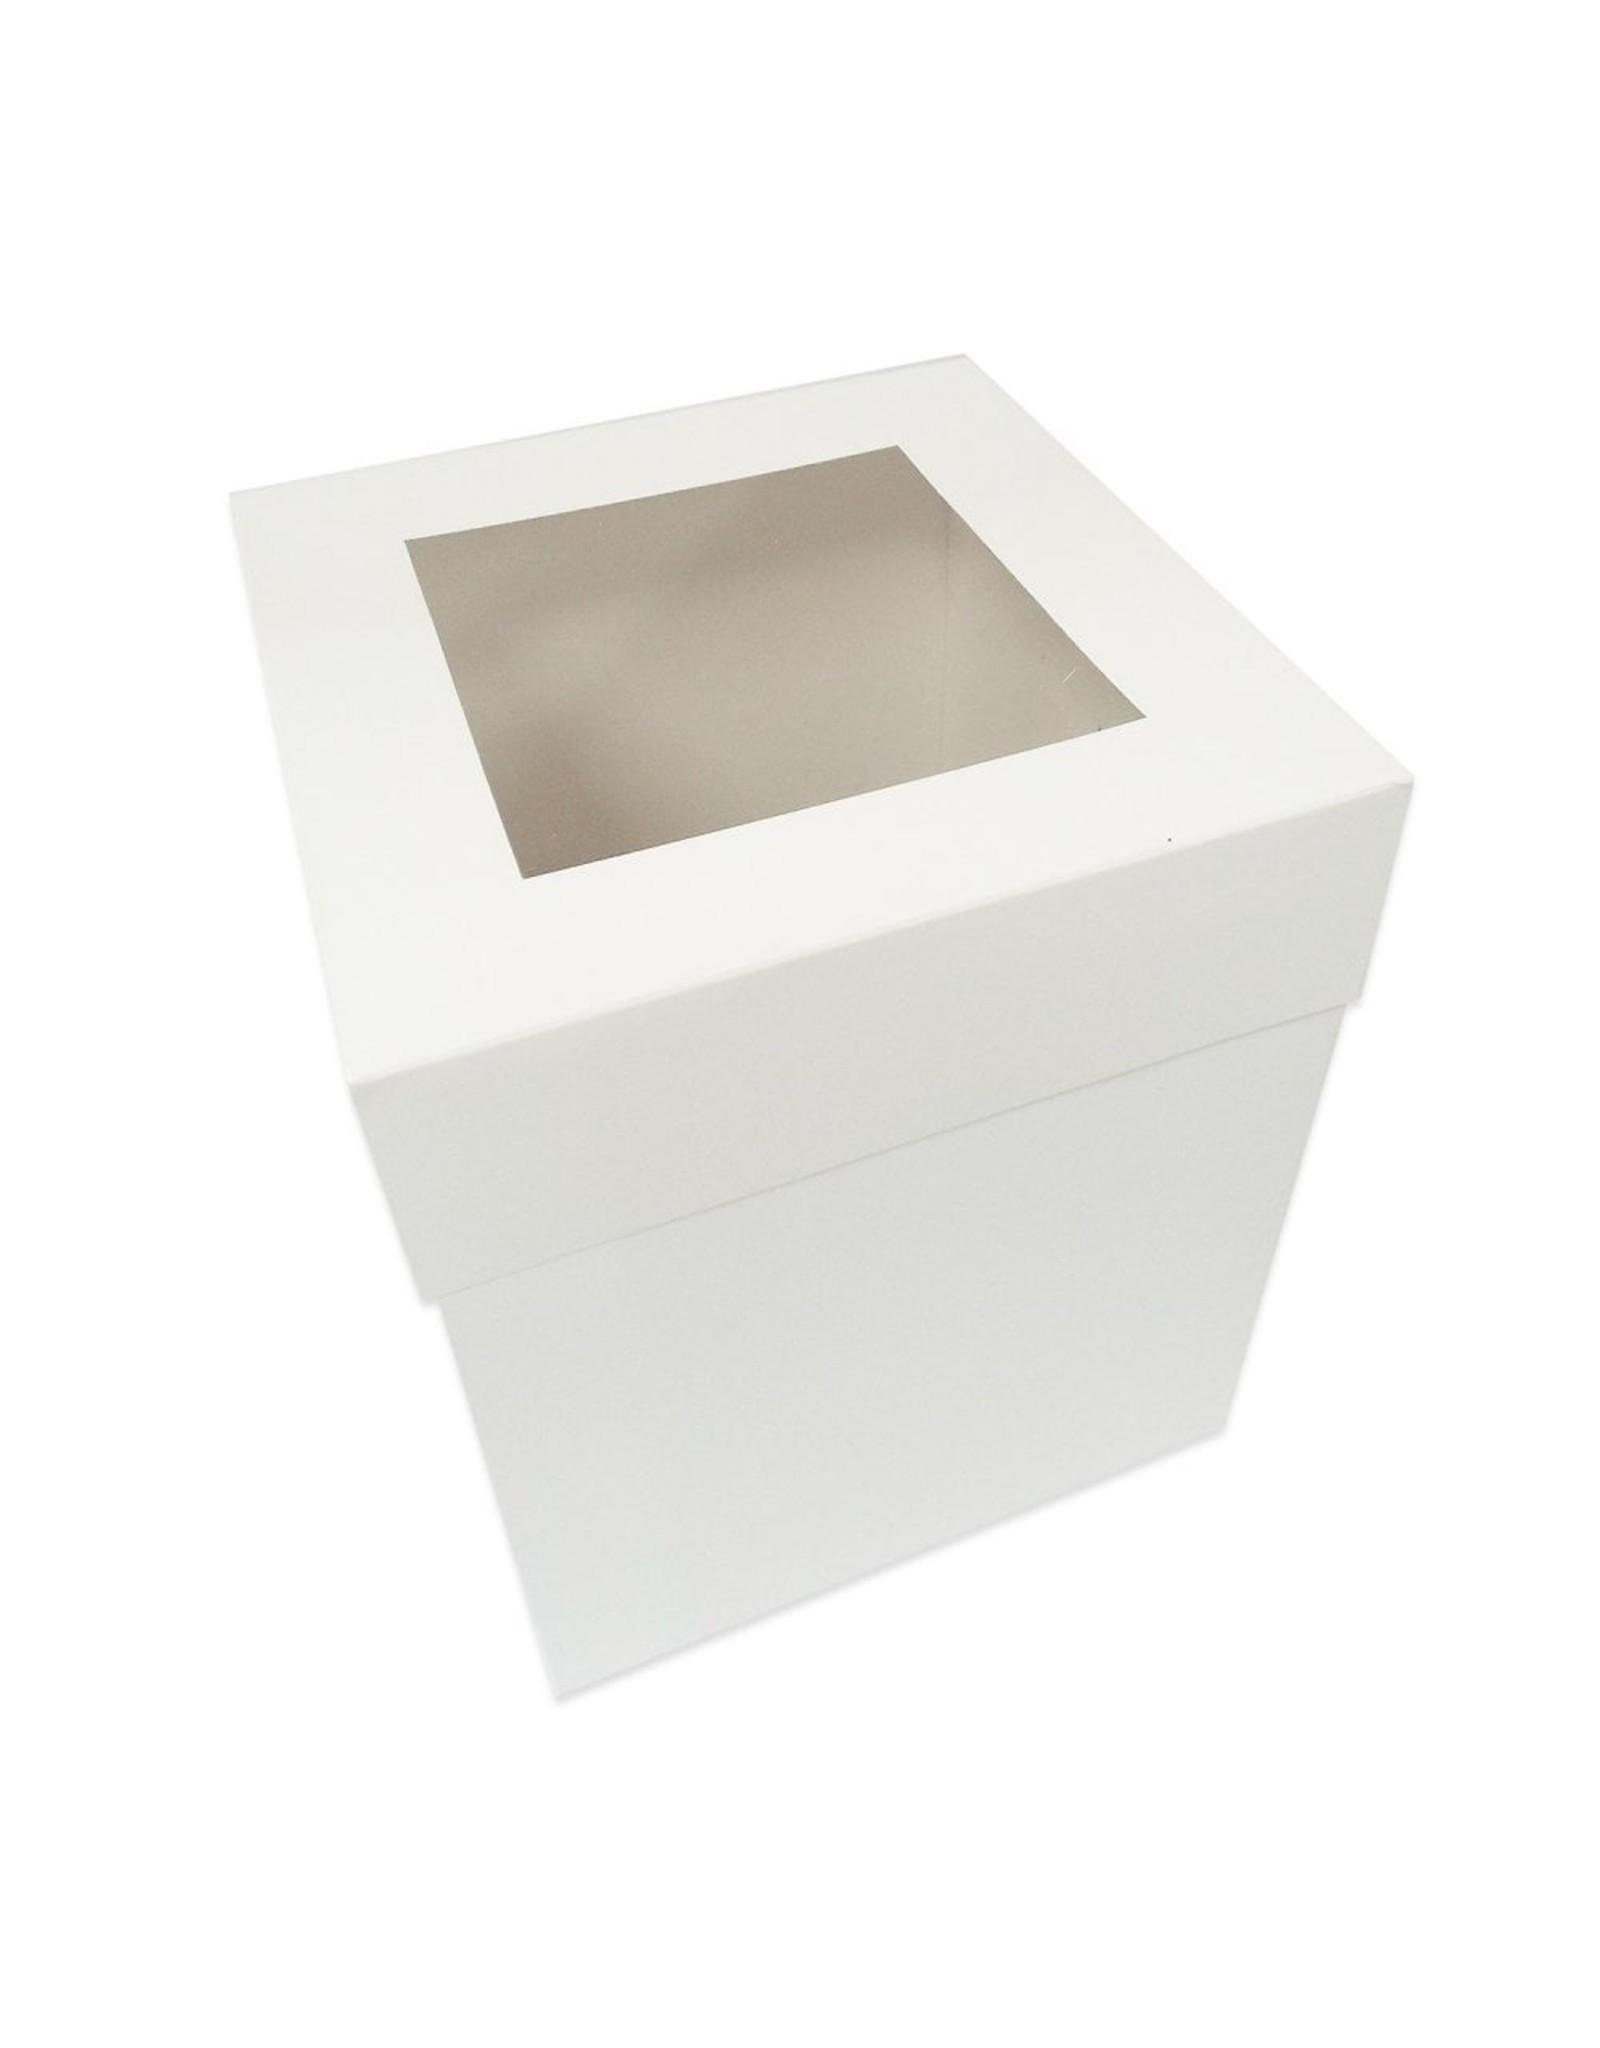 Hoge taartdoos met venster - 305 x 305 x 300 mm (per 50 stuks)